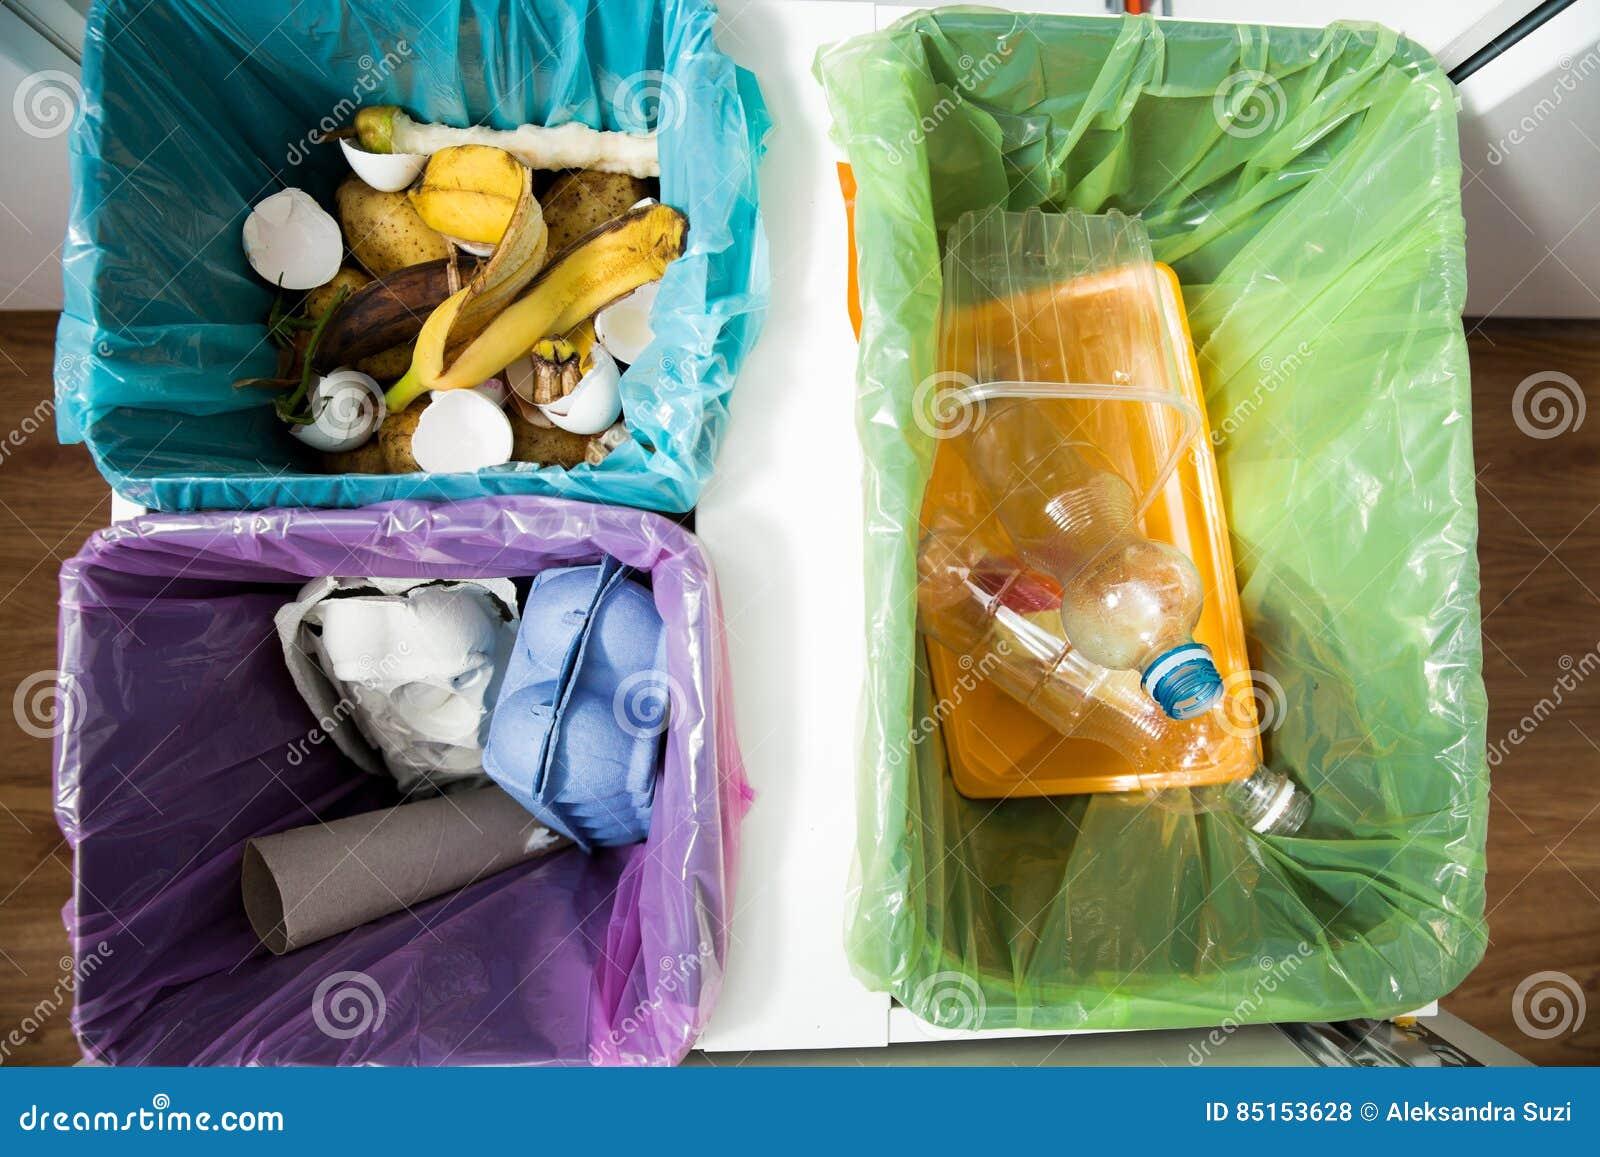 Unterschiedlicher Abfalleimer Mit Bunten Abfalltaschen